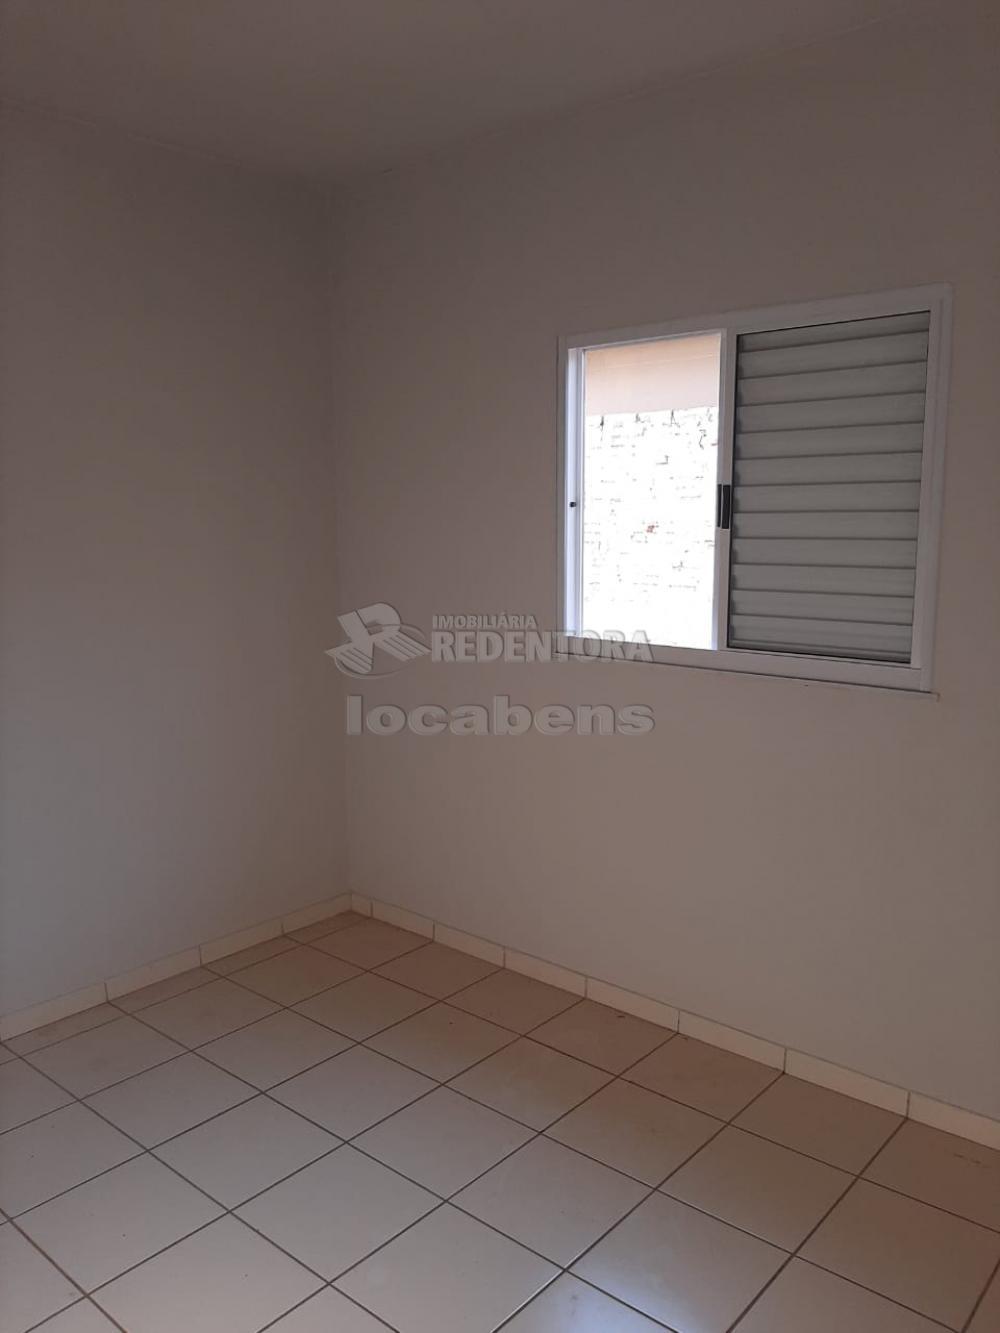 Alugar Casa / Padrão em São José do Rio Preto apenas R$ 650,00 - Foto 2